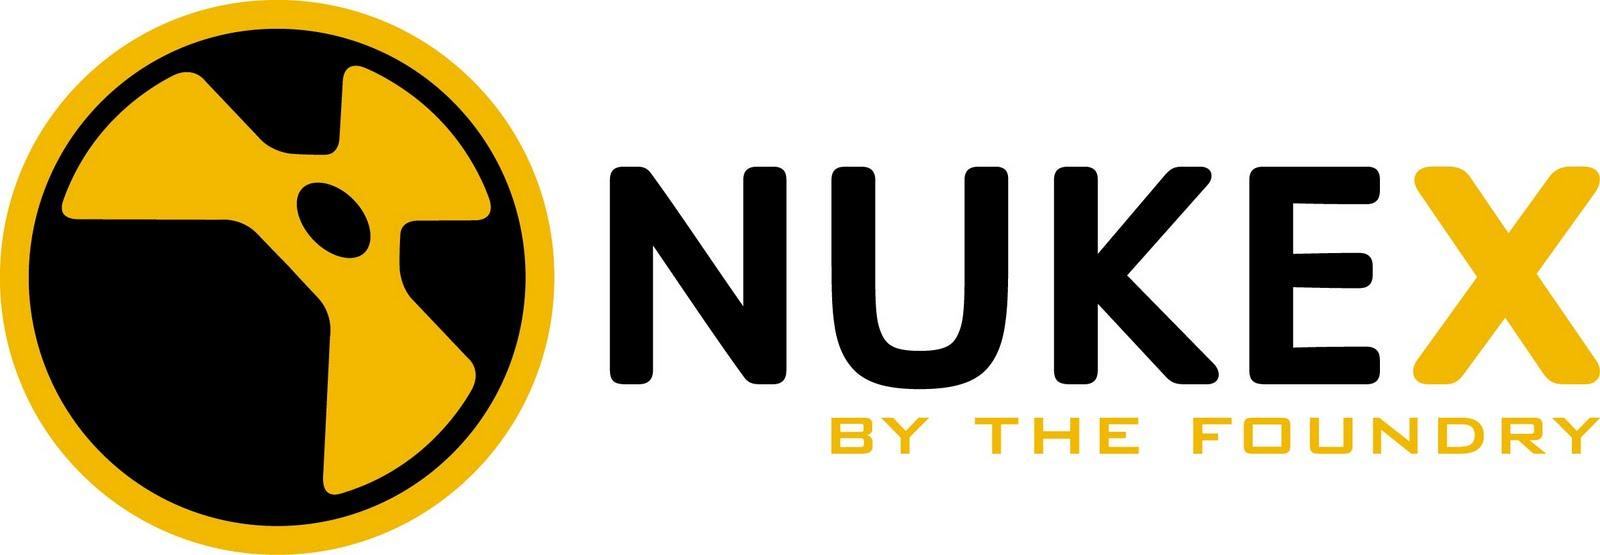 Slashcam News : Foundry Elara: Using Nuke and Co worldwide